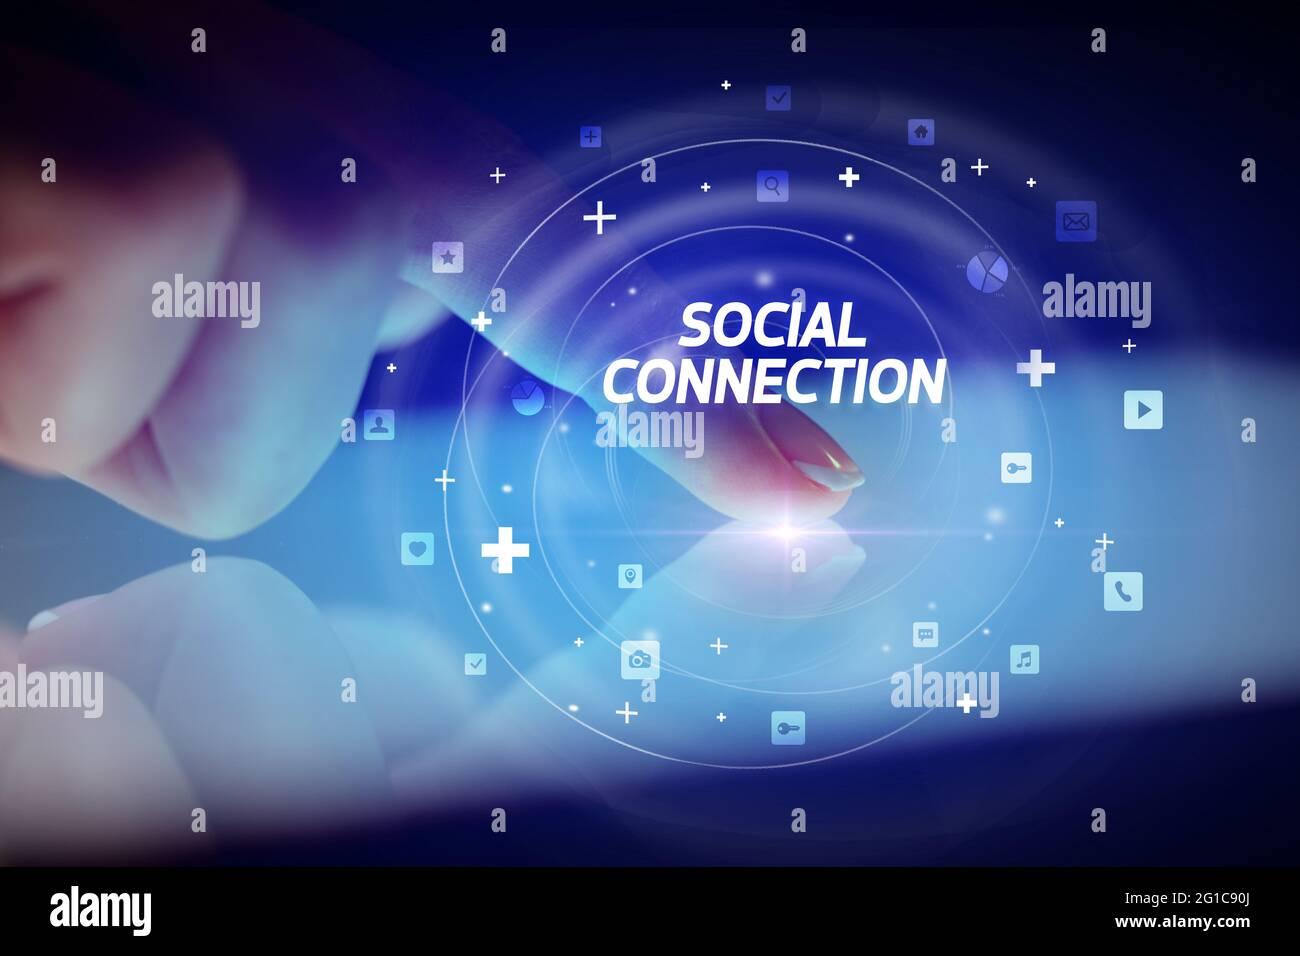 Concept de tablette tactile avec icônes de réseaux sociaux Banque D'Images